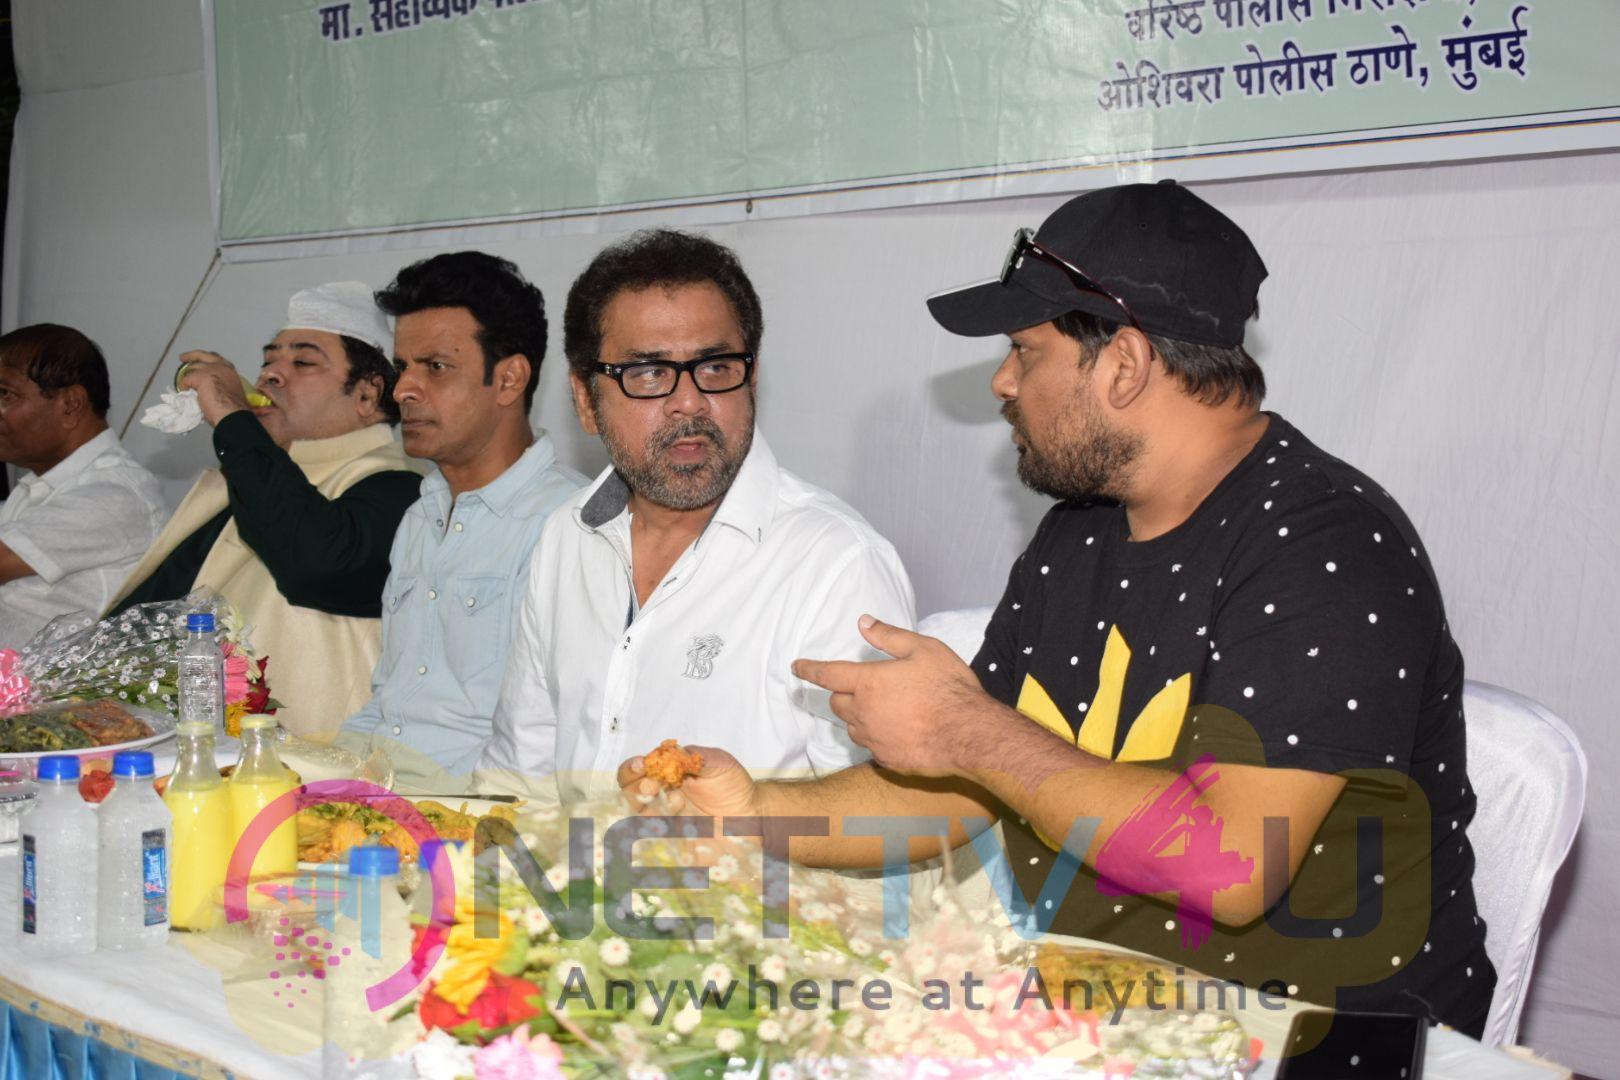 Subhash Khanvilkar From Oshiwara Police Station Hindi Gallery